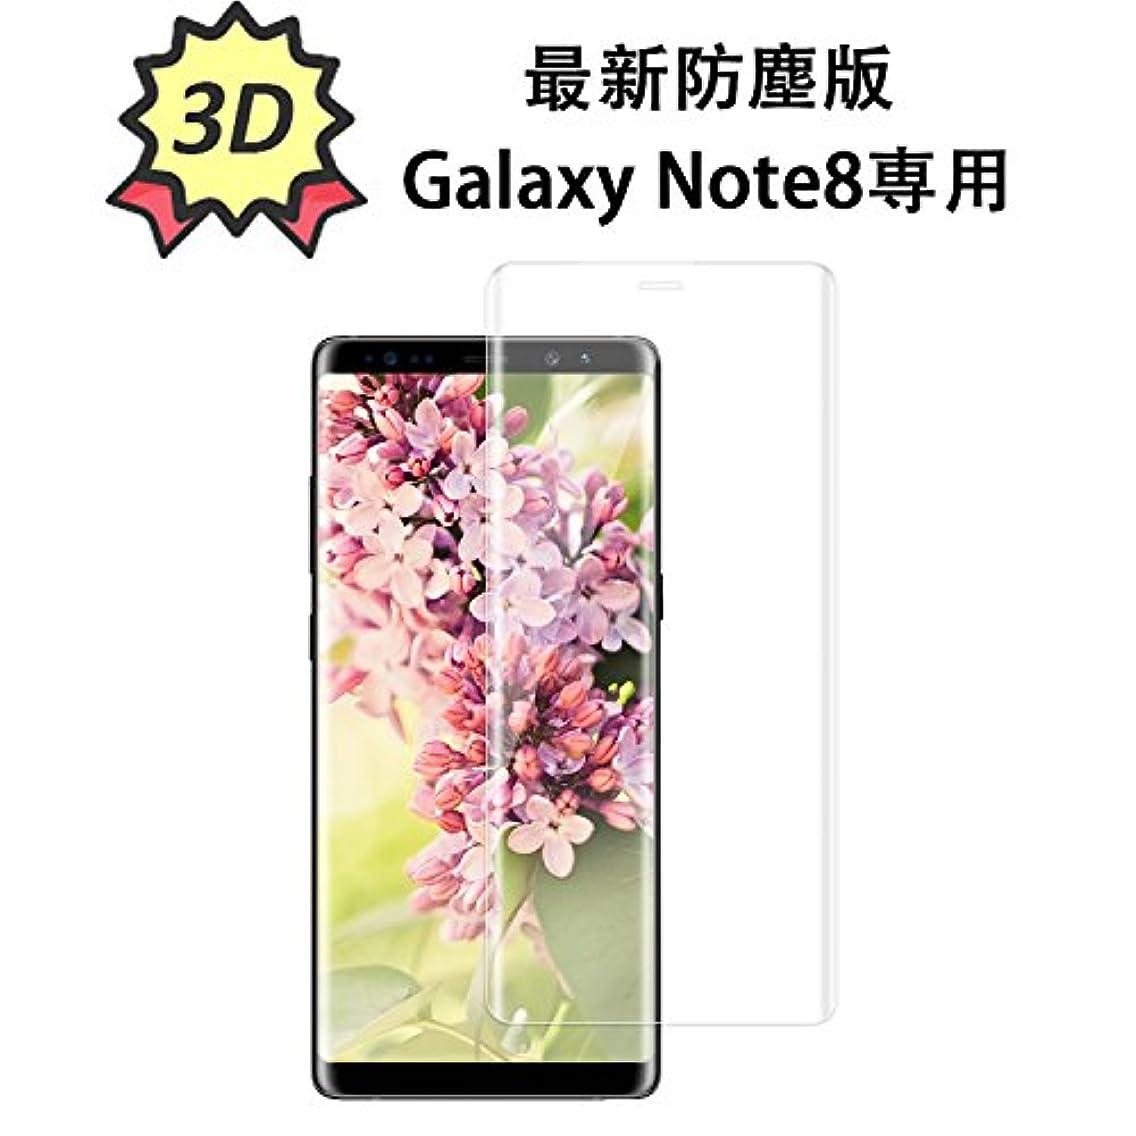 ダーベビルのテス高く崖Galaxy Note 8 フィルム YooGoo Galaxy Note8 液晶保護ガラスフィルム 強化ガラス製 3Dラウンドエッジ加工 全面保護 【生涯保証付き】 高感度タッチ 表面硬度9H 気泡レス 指紋防止 高透過率 ギャラクシーノート8 SC-01K au SCV37対応(クリア 6.3インチ)